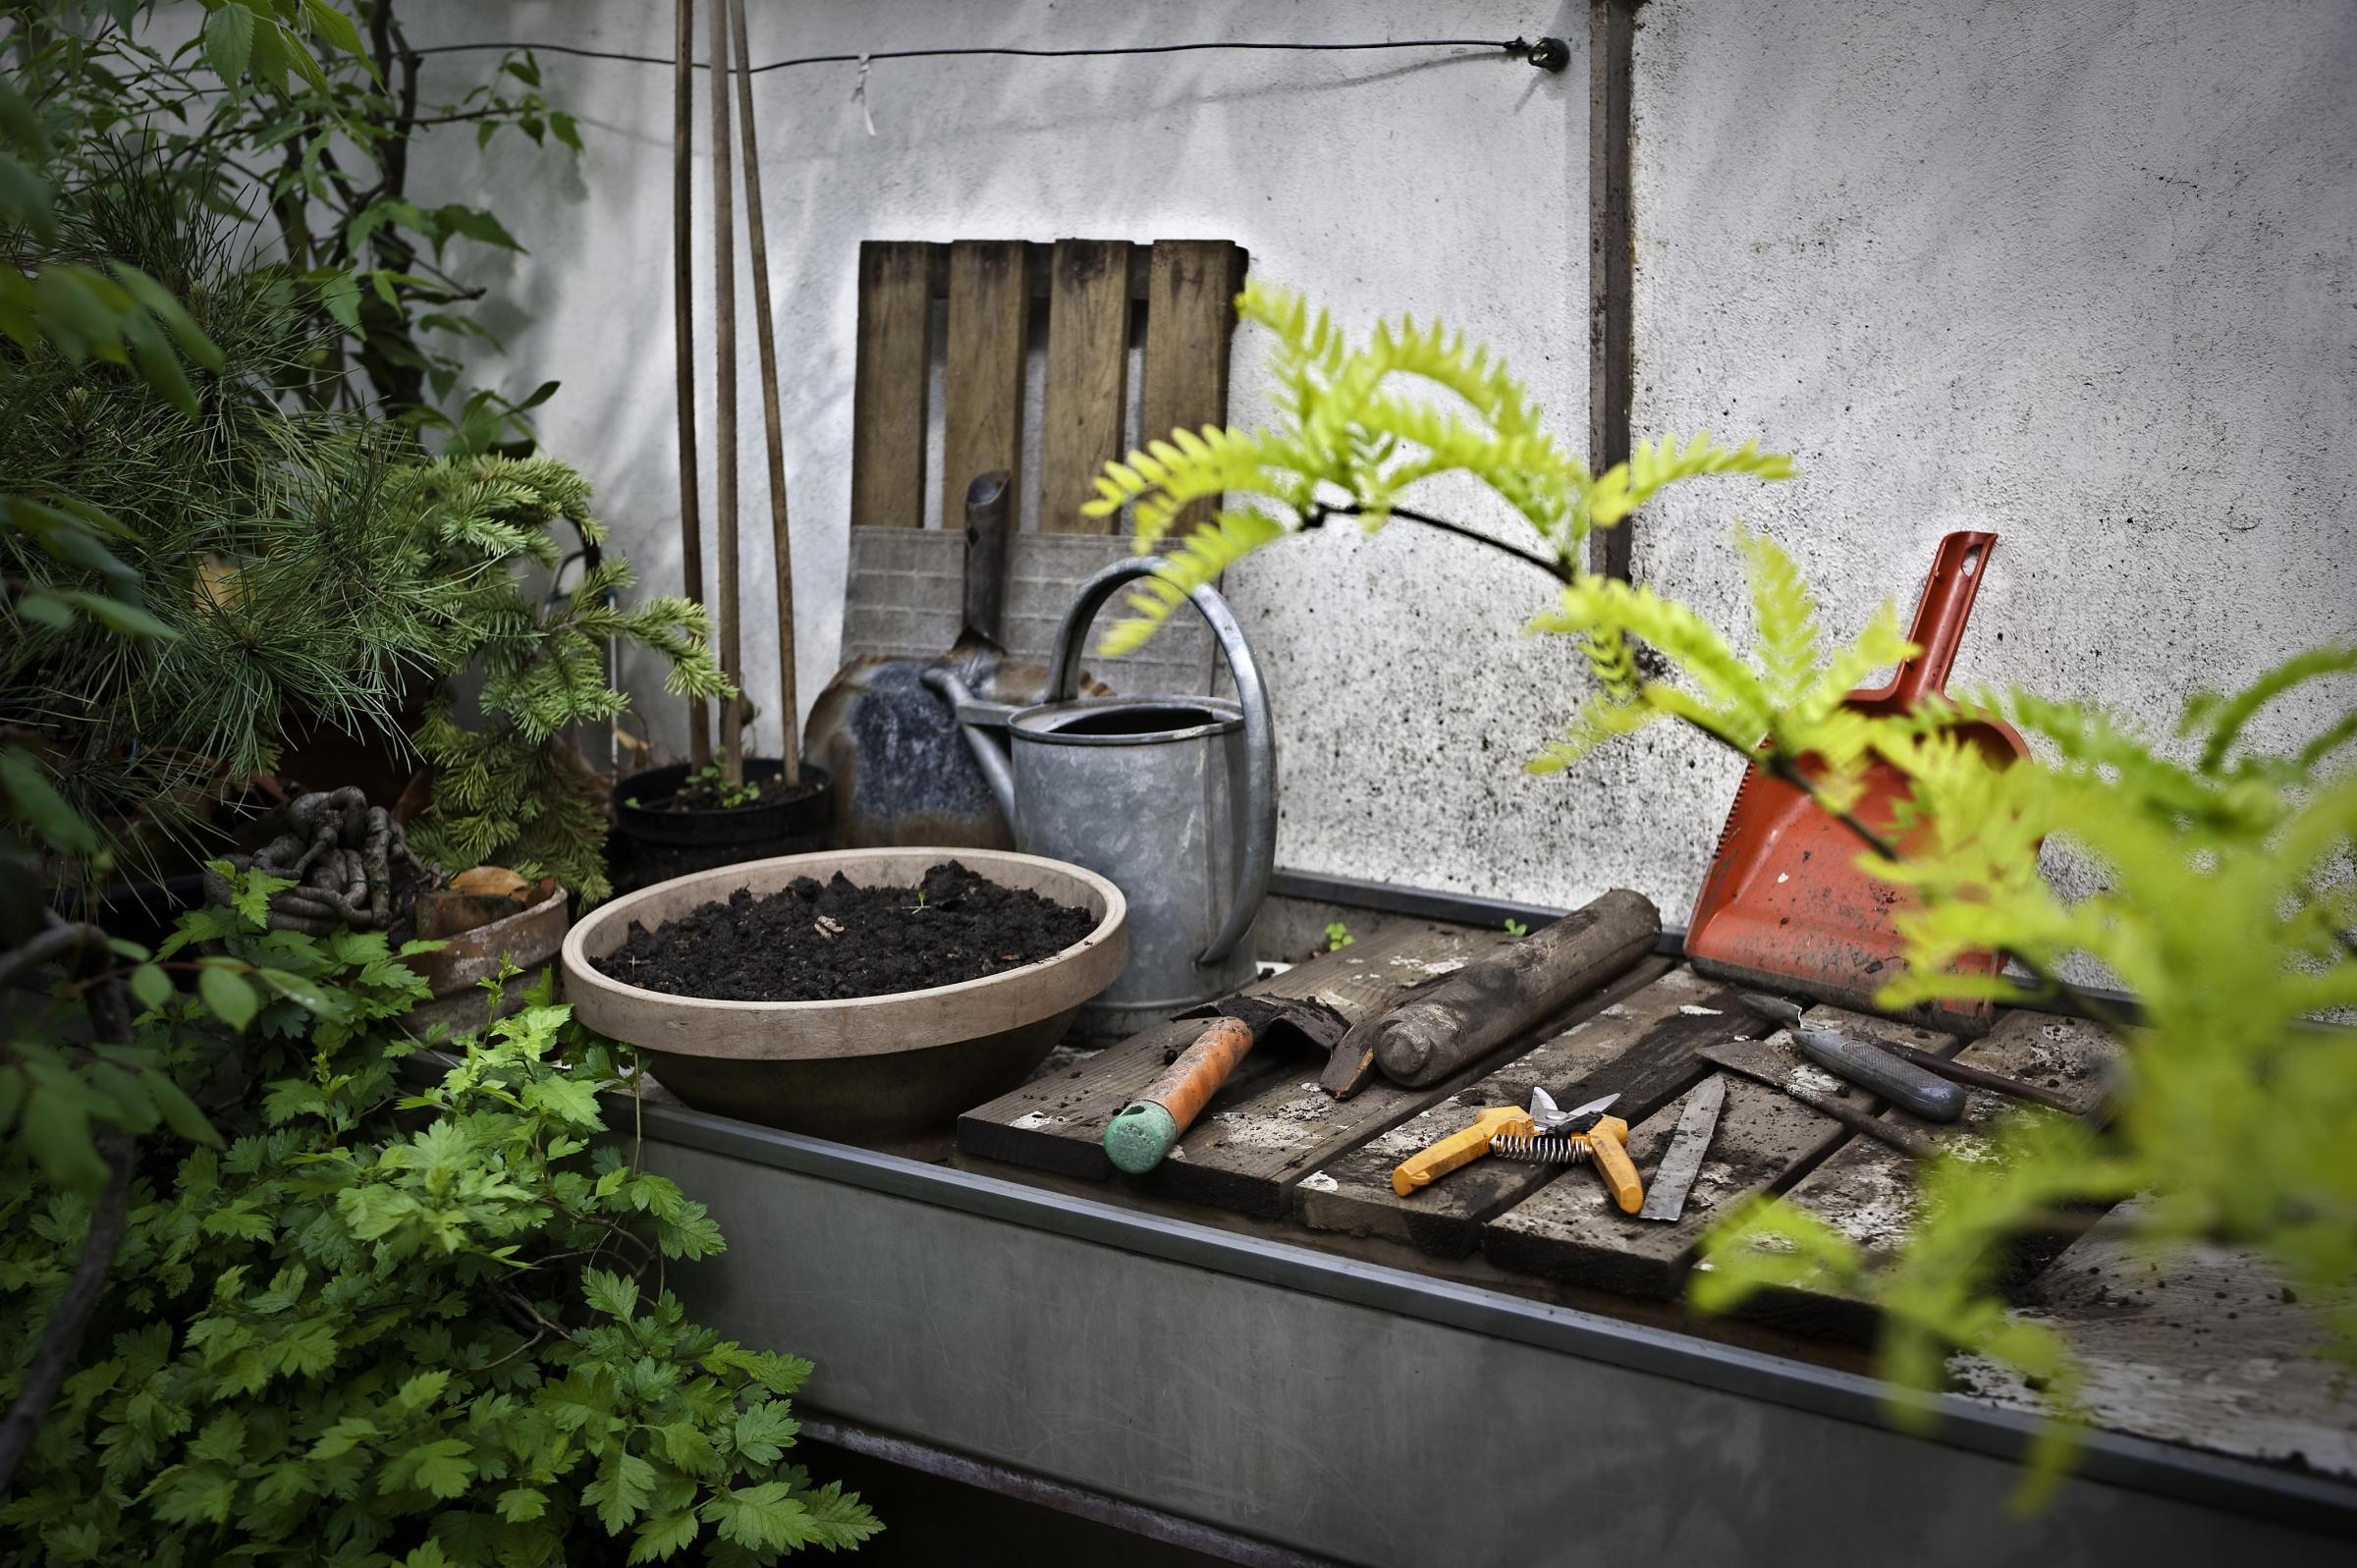 giardinaggio-palestra (2)